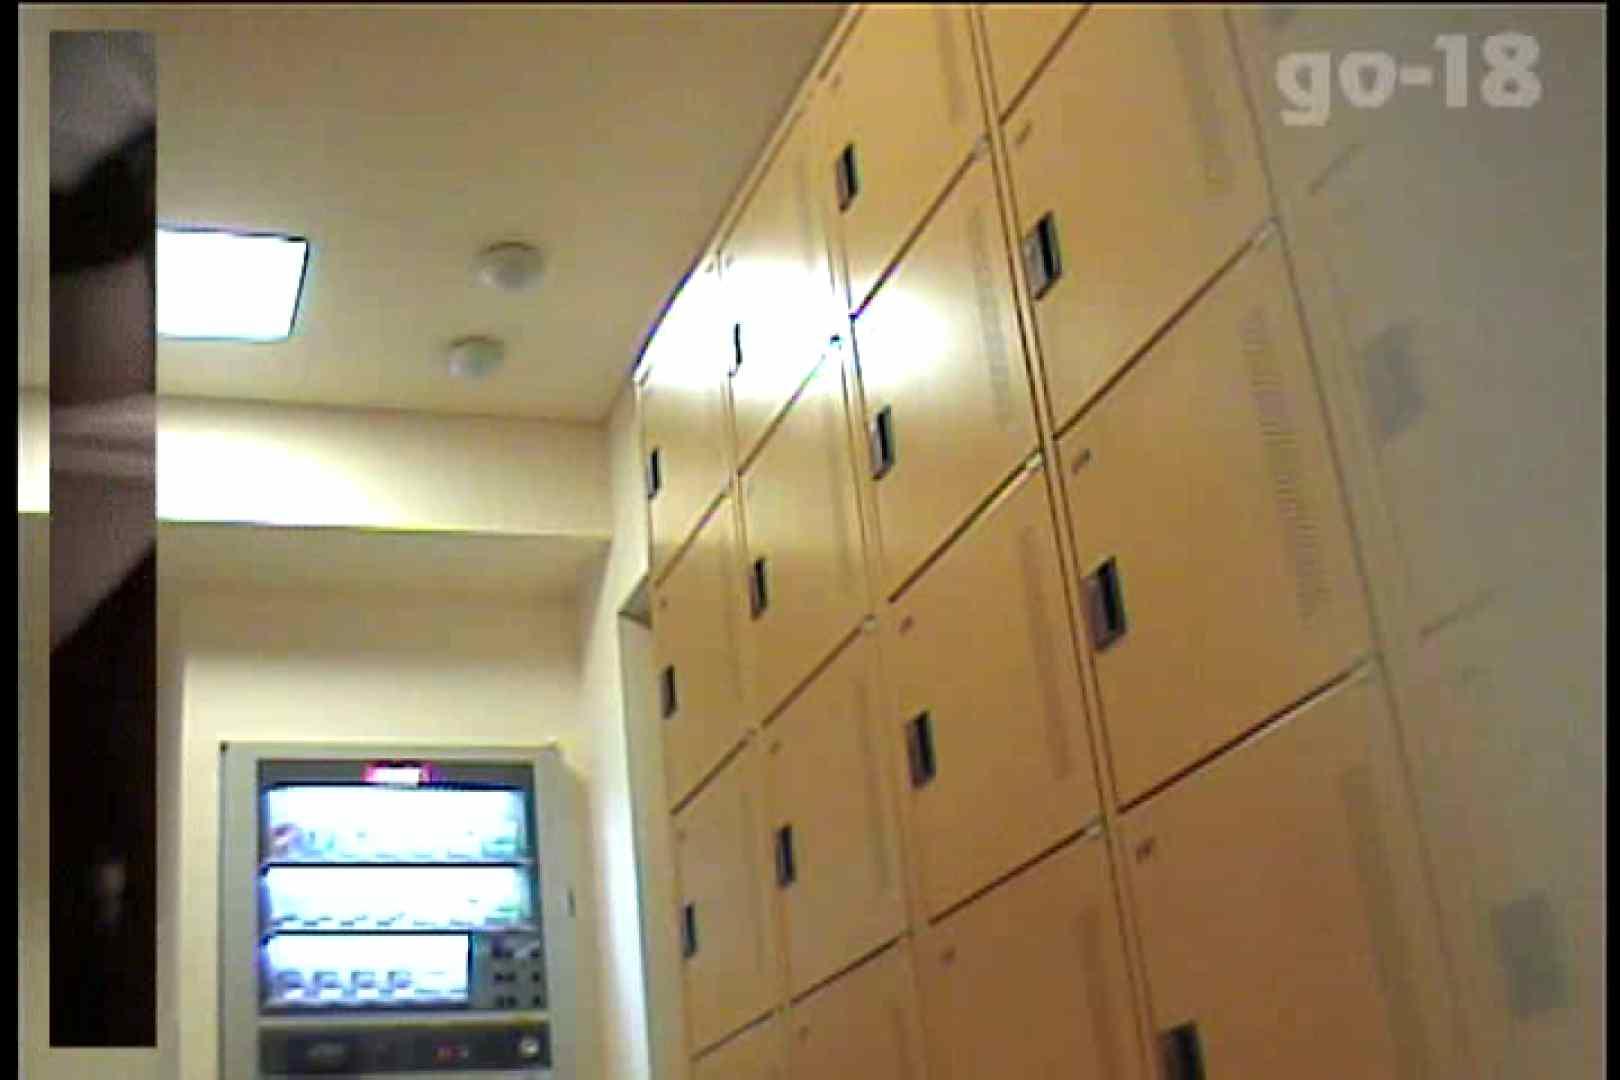 電波カメラ設置浴場からの防HAN映像 Vol.18 OLのボディ  102PIX 15